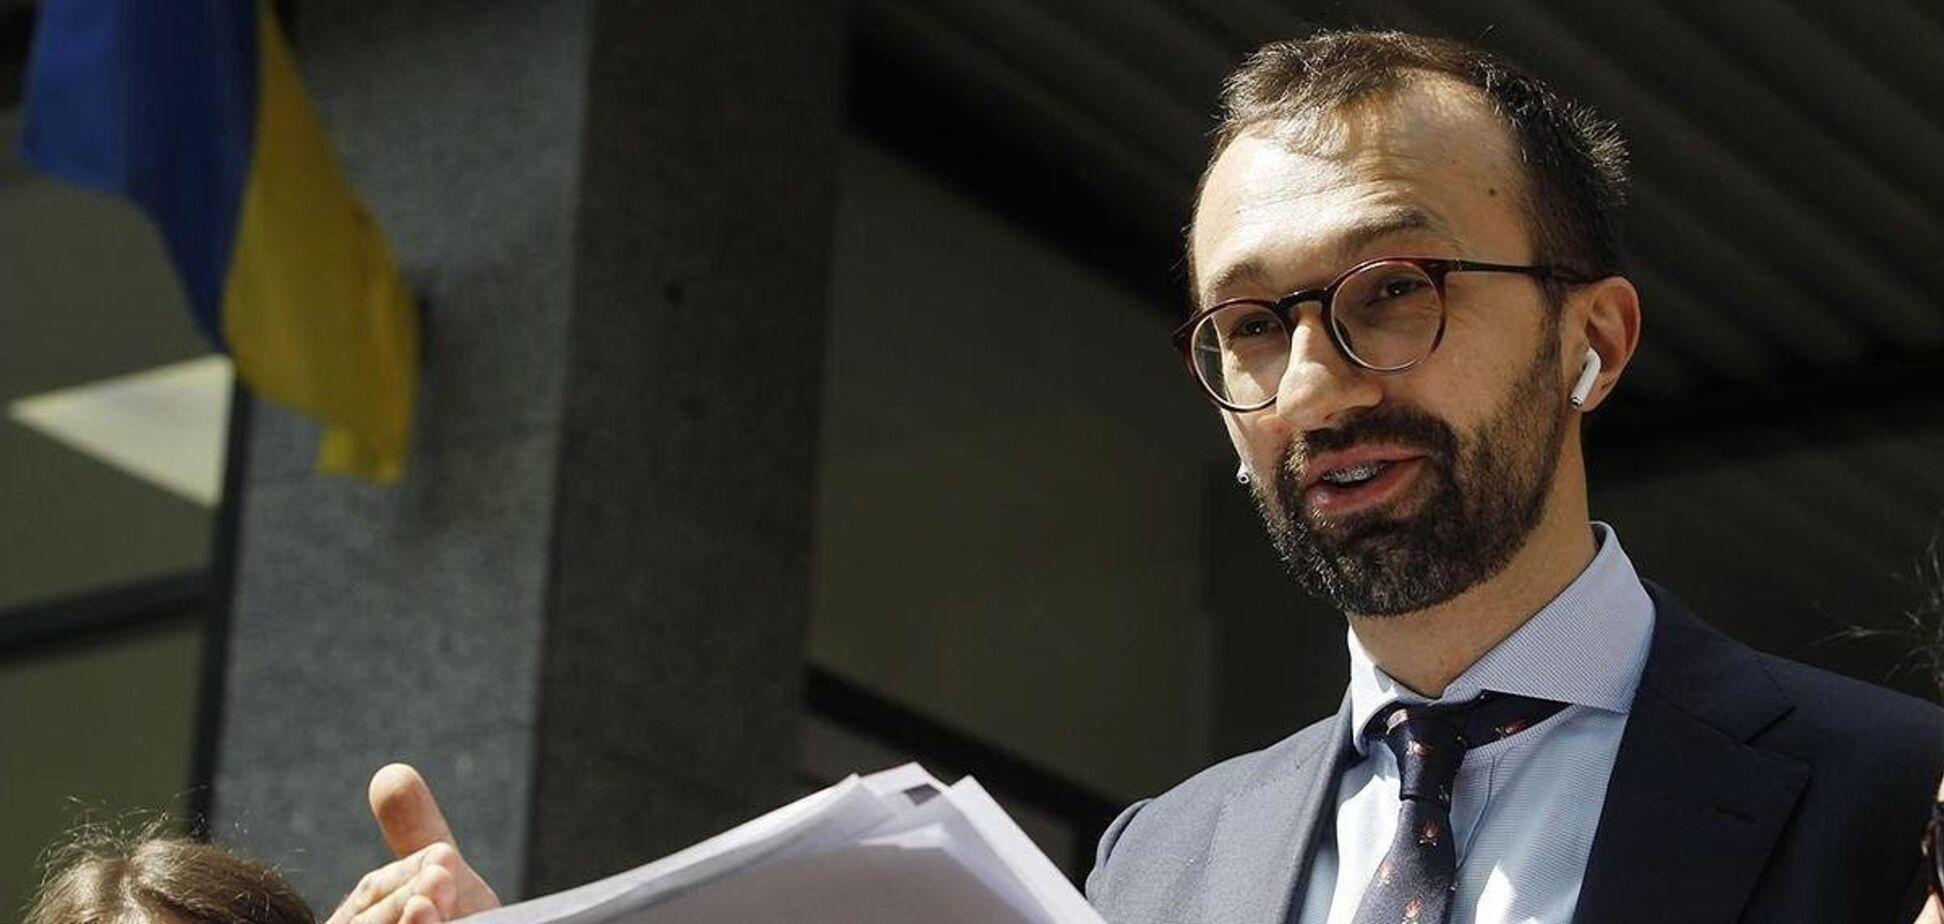 Генпрокурорка Венедіктова отримала зарплату в 4 рази нижчу, ніж Лещенко